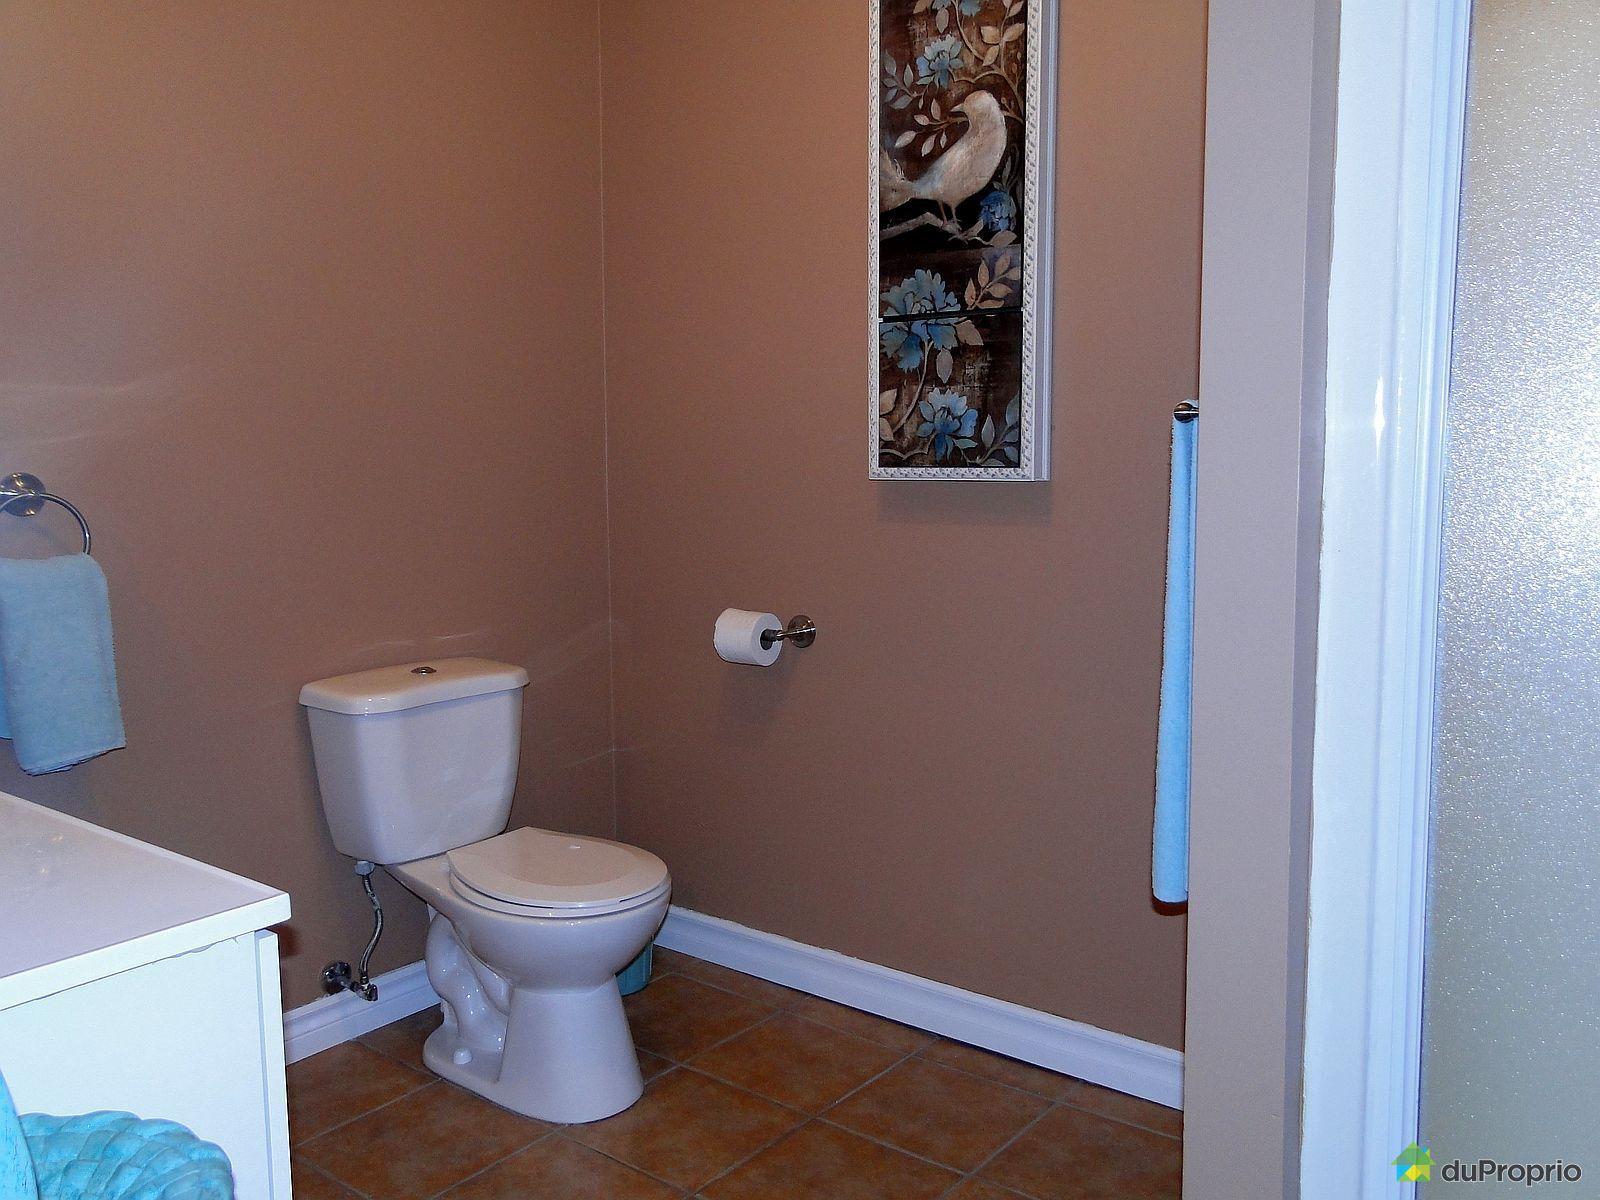 Maison vendre notre dame des pins 3505 rang saint for Salle bain sous sol